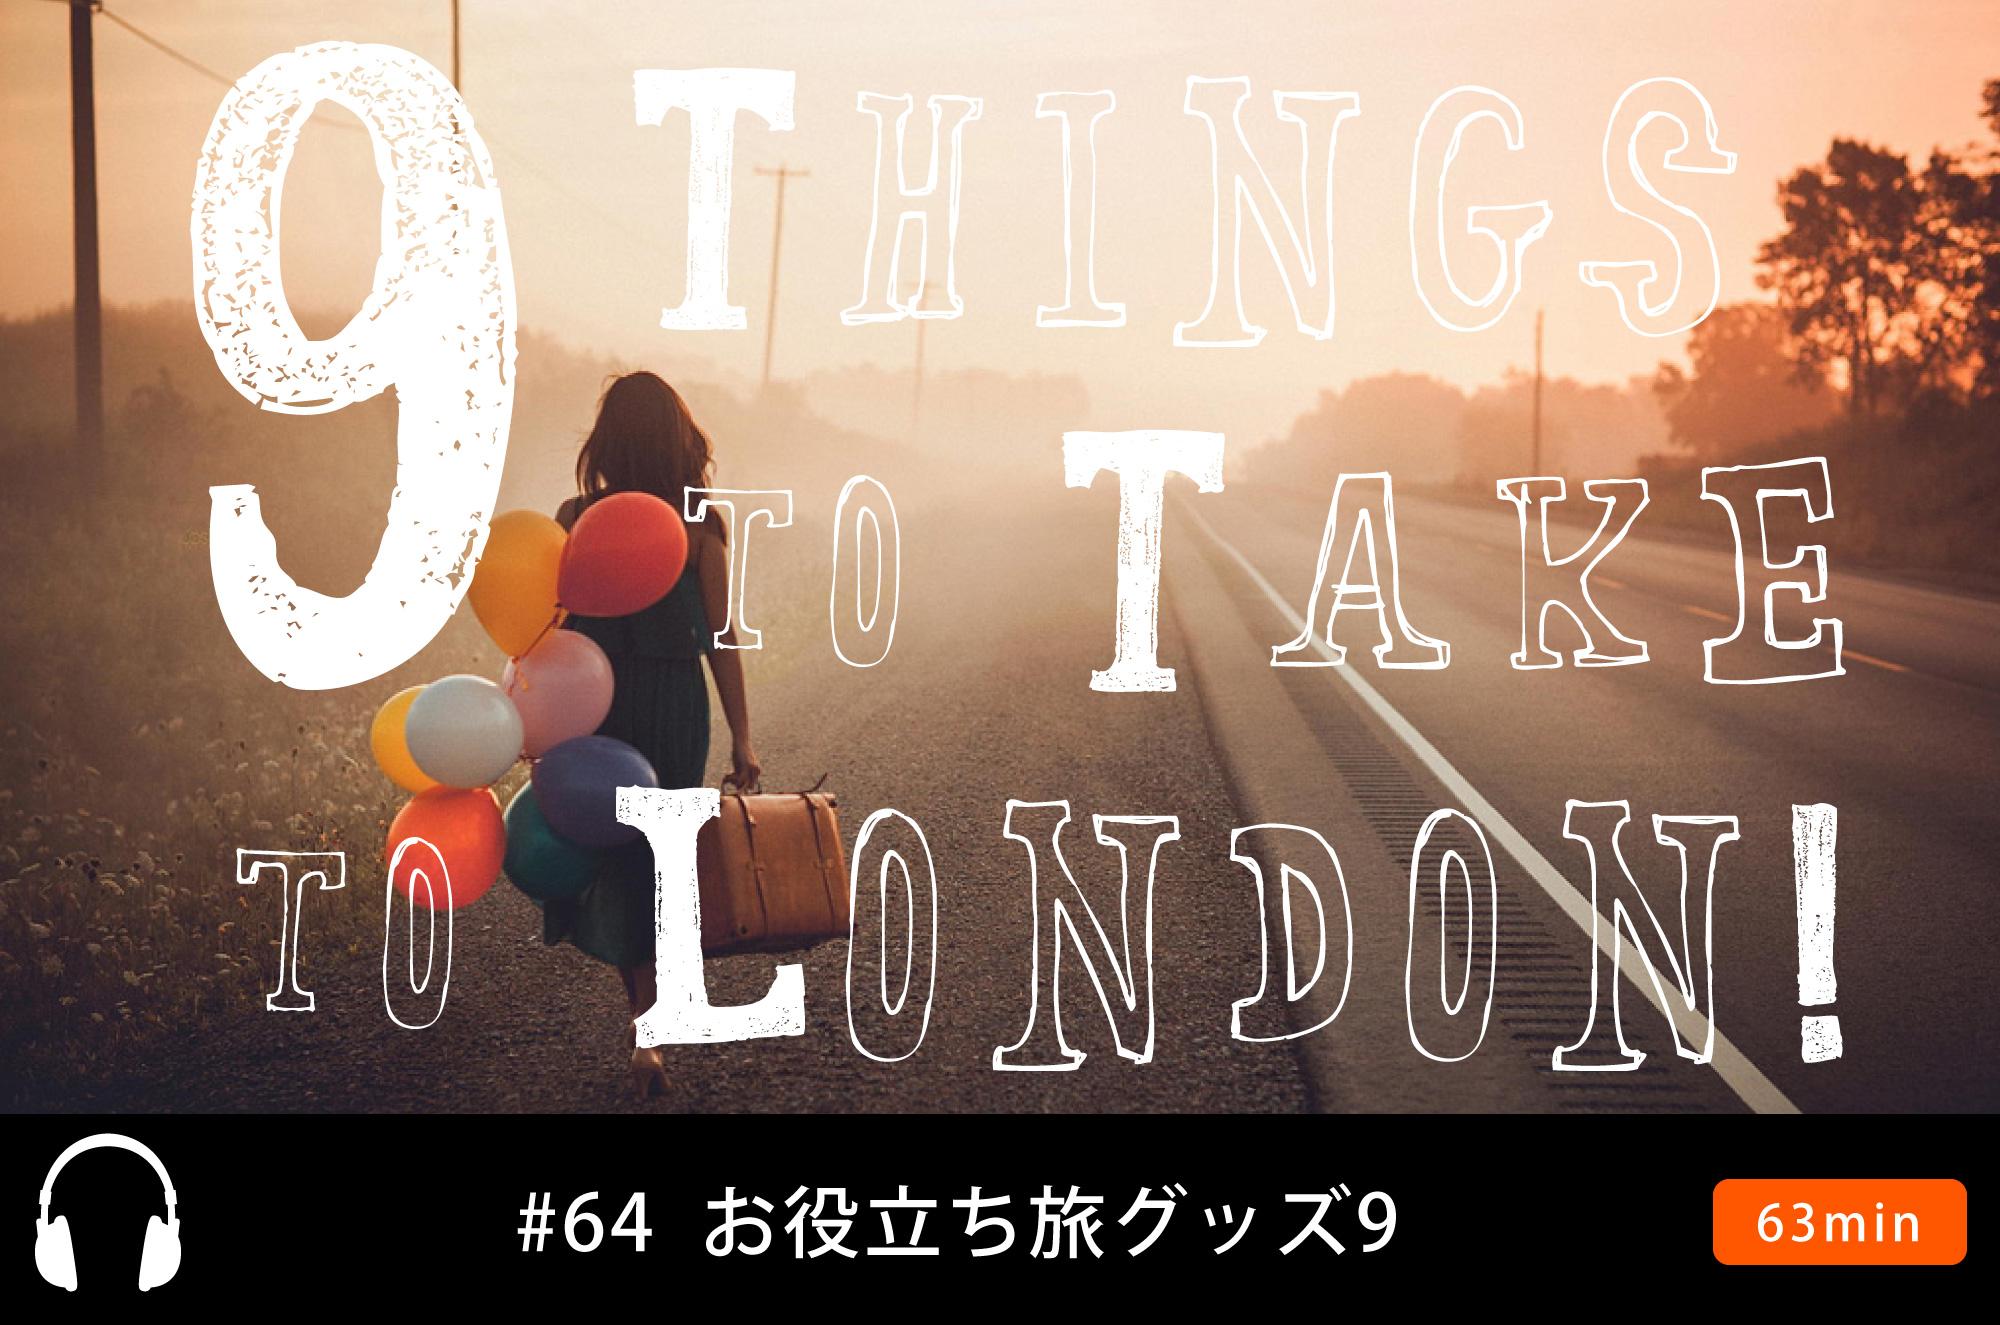 ロンドン旅を快適に過ごすならこれ! オトナ女子にオススメしたいお役立ち旅グッズ9♪